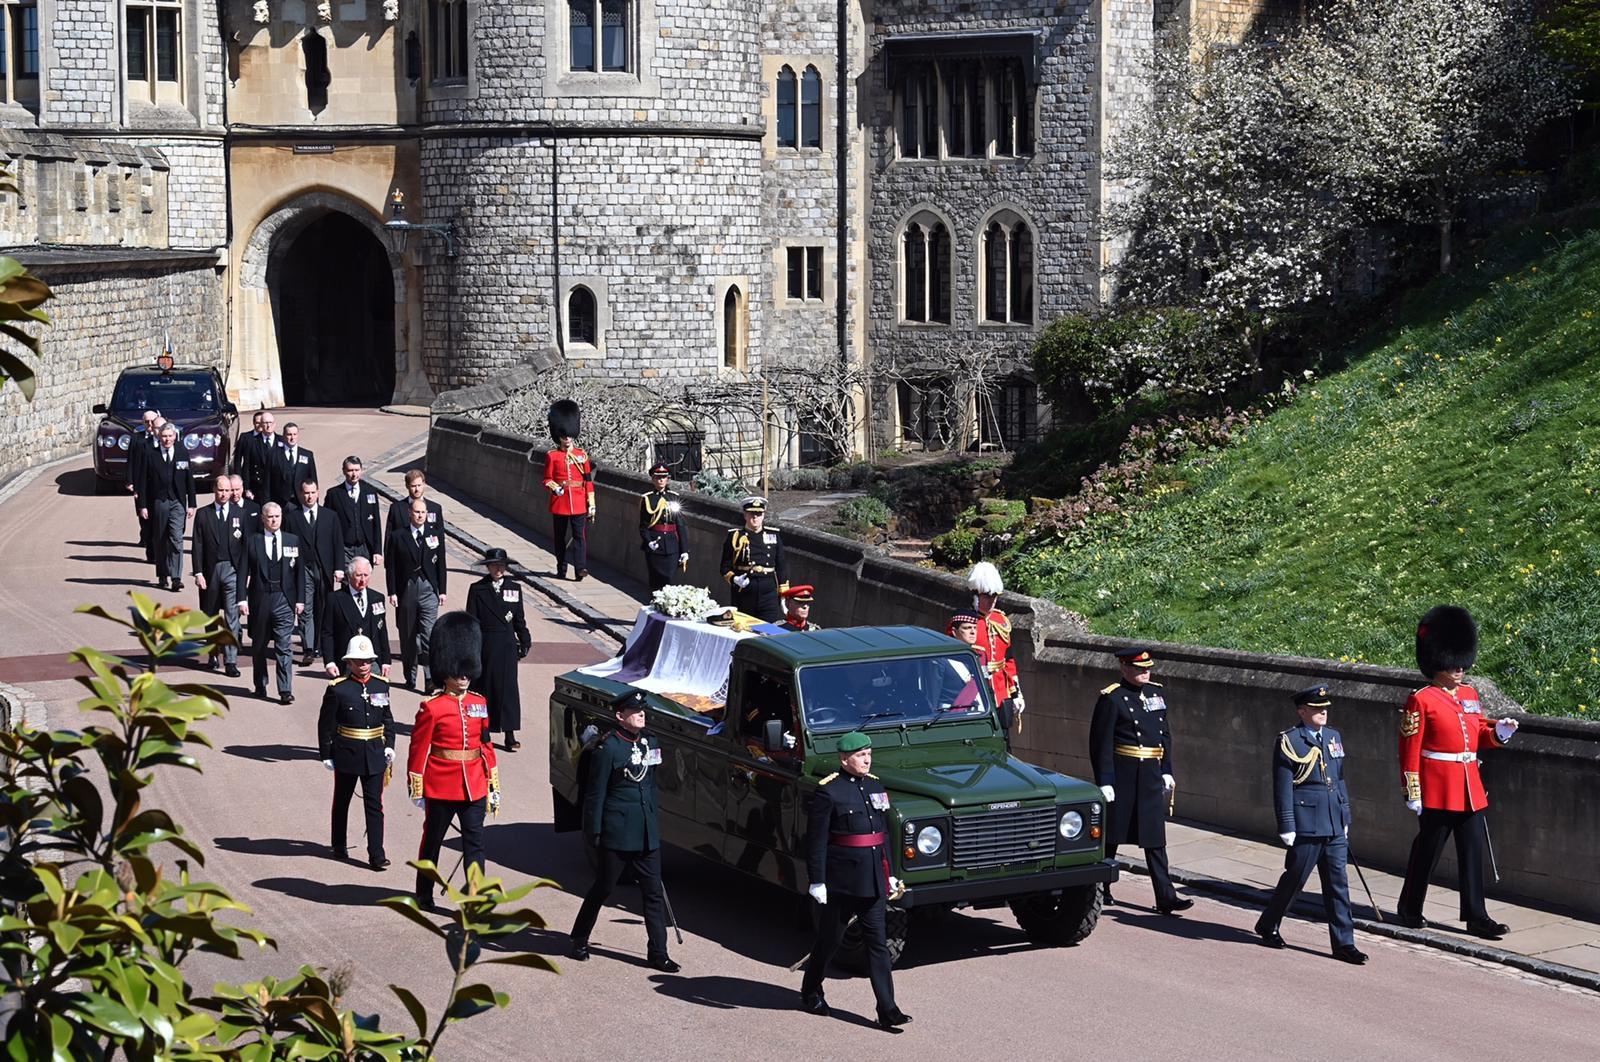 عدل بنفسه سيارة اللاند روفر ديفيندر التي نقلت نعشه-الصورة من موقع العائلة المالكة